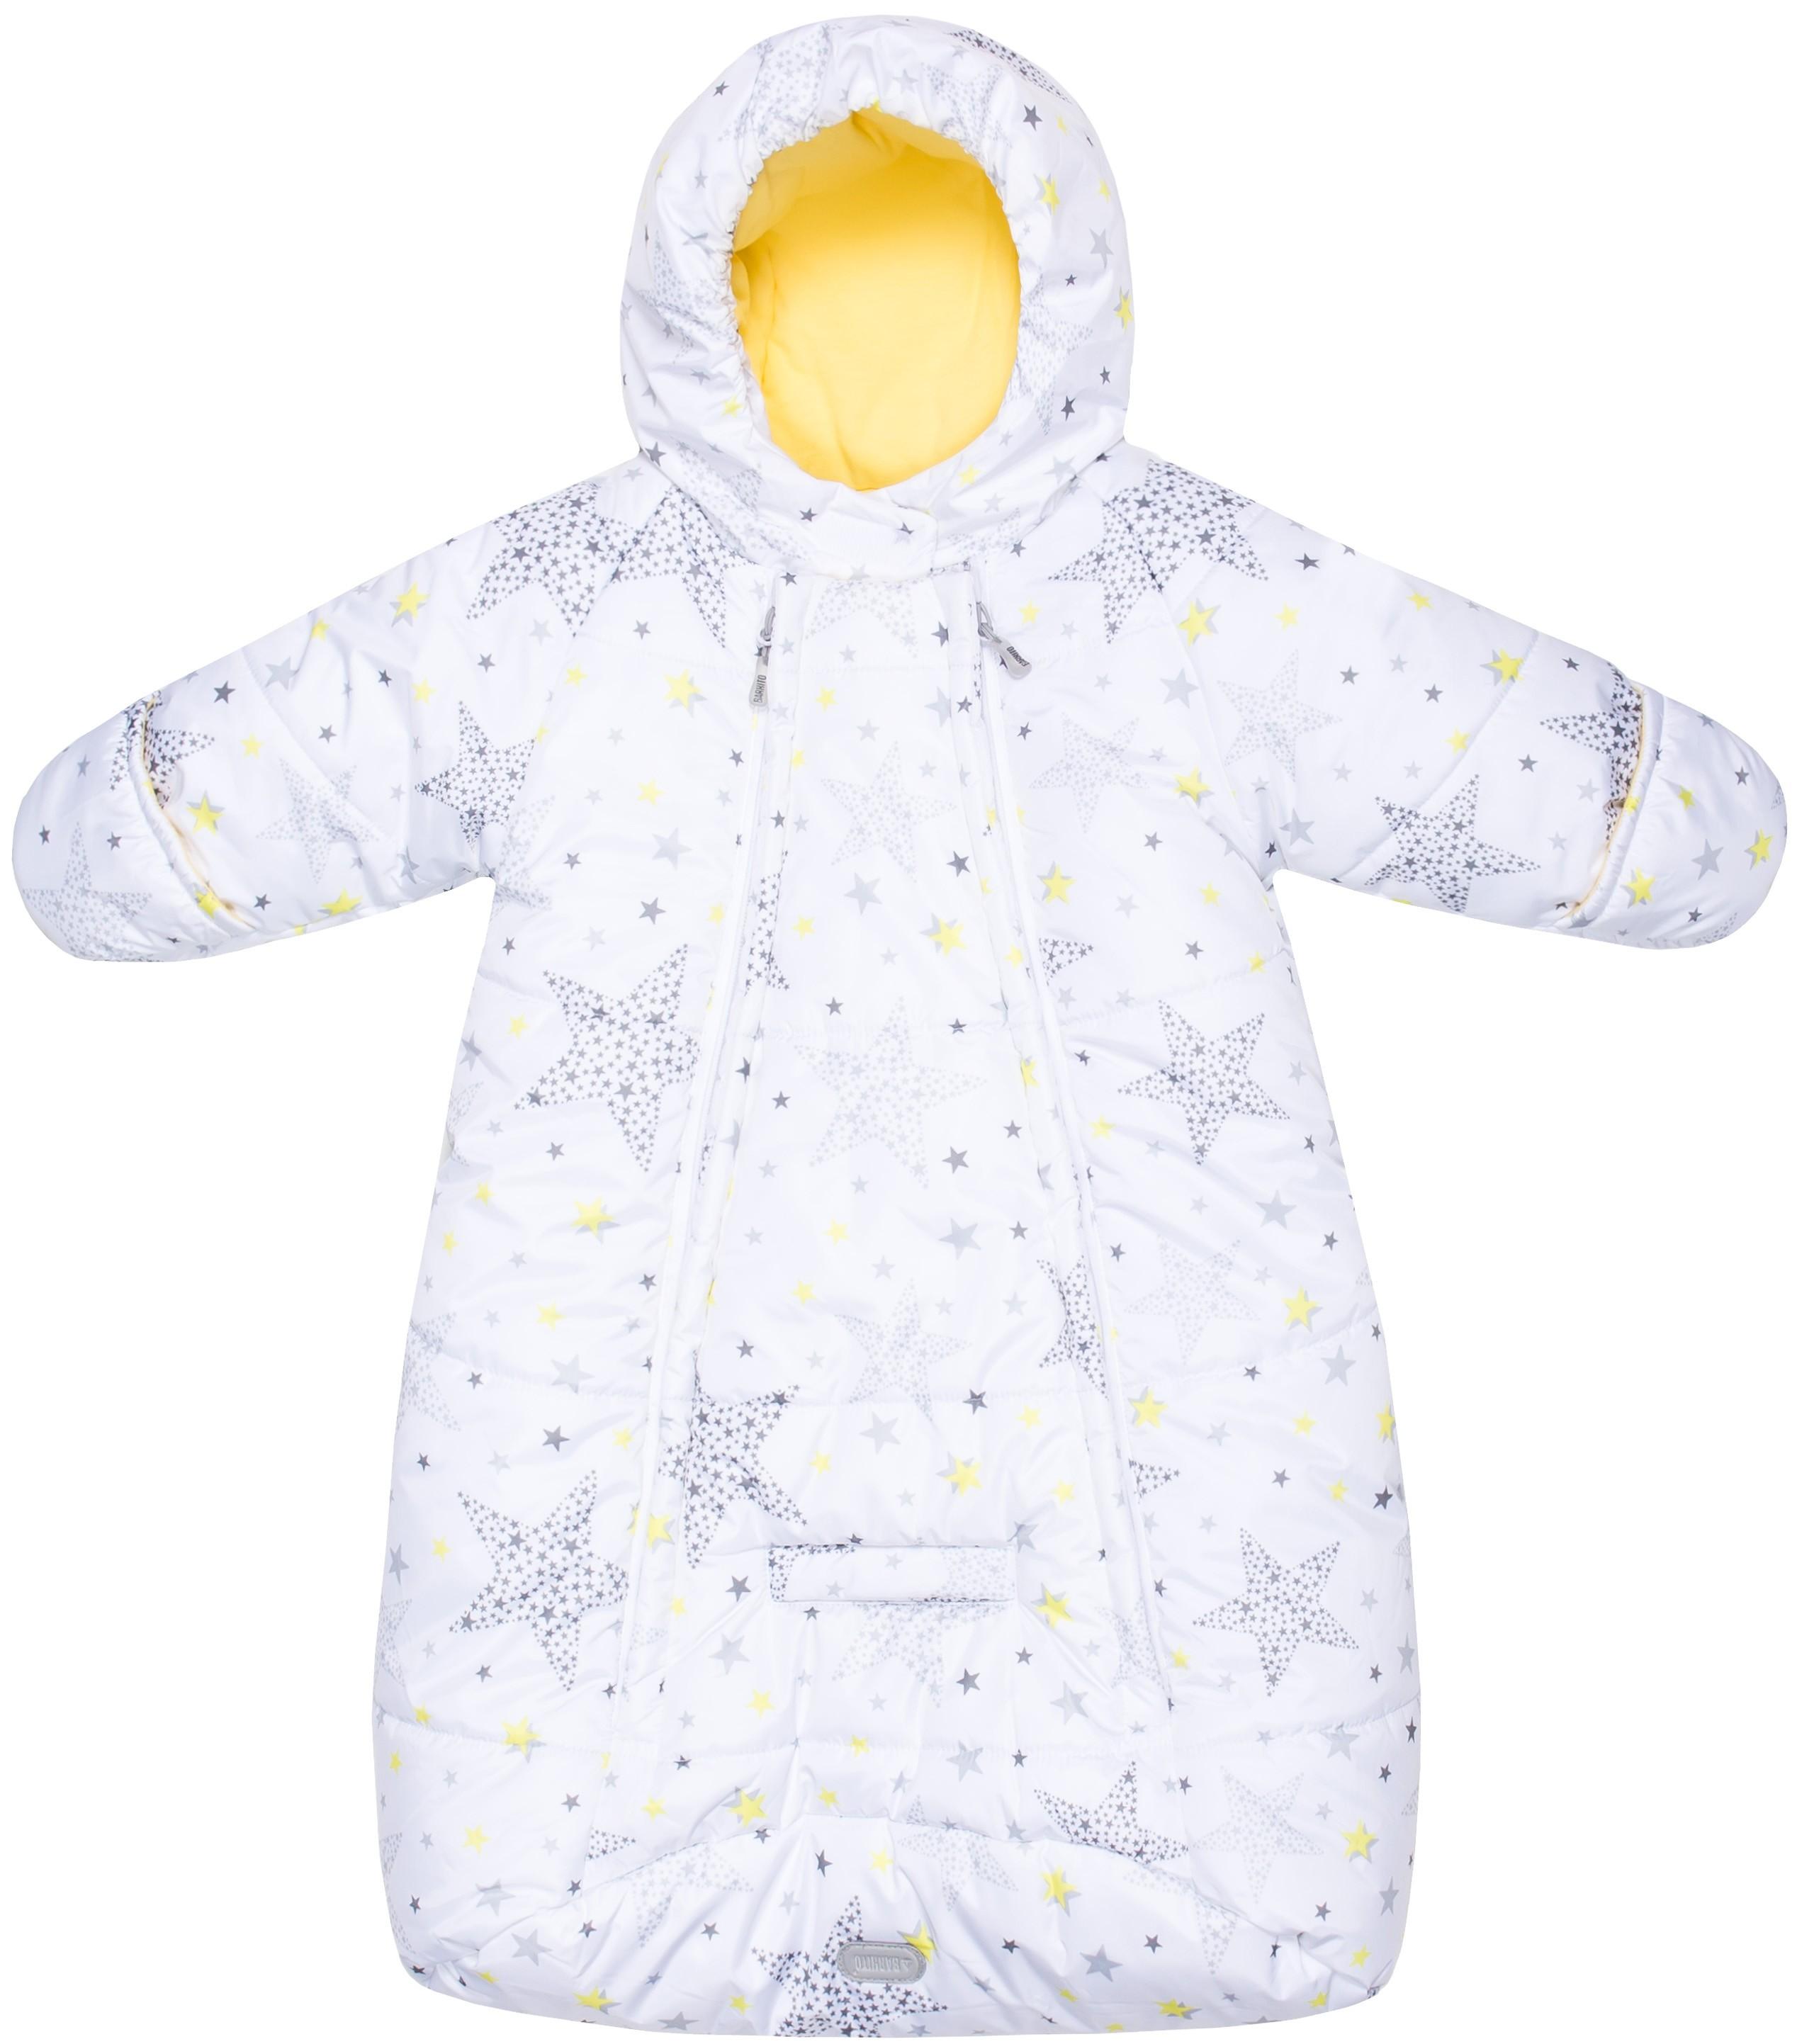 Конверты и спальные мешки Barkito Конверт детский Barkito, белый с рисунком «звёзды» конверт детский womar womar конверт в коляску зимний aurora бирюзовый